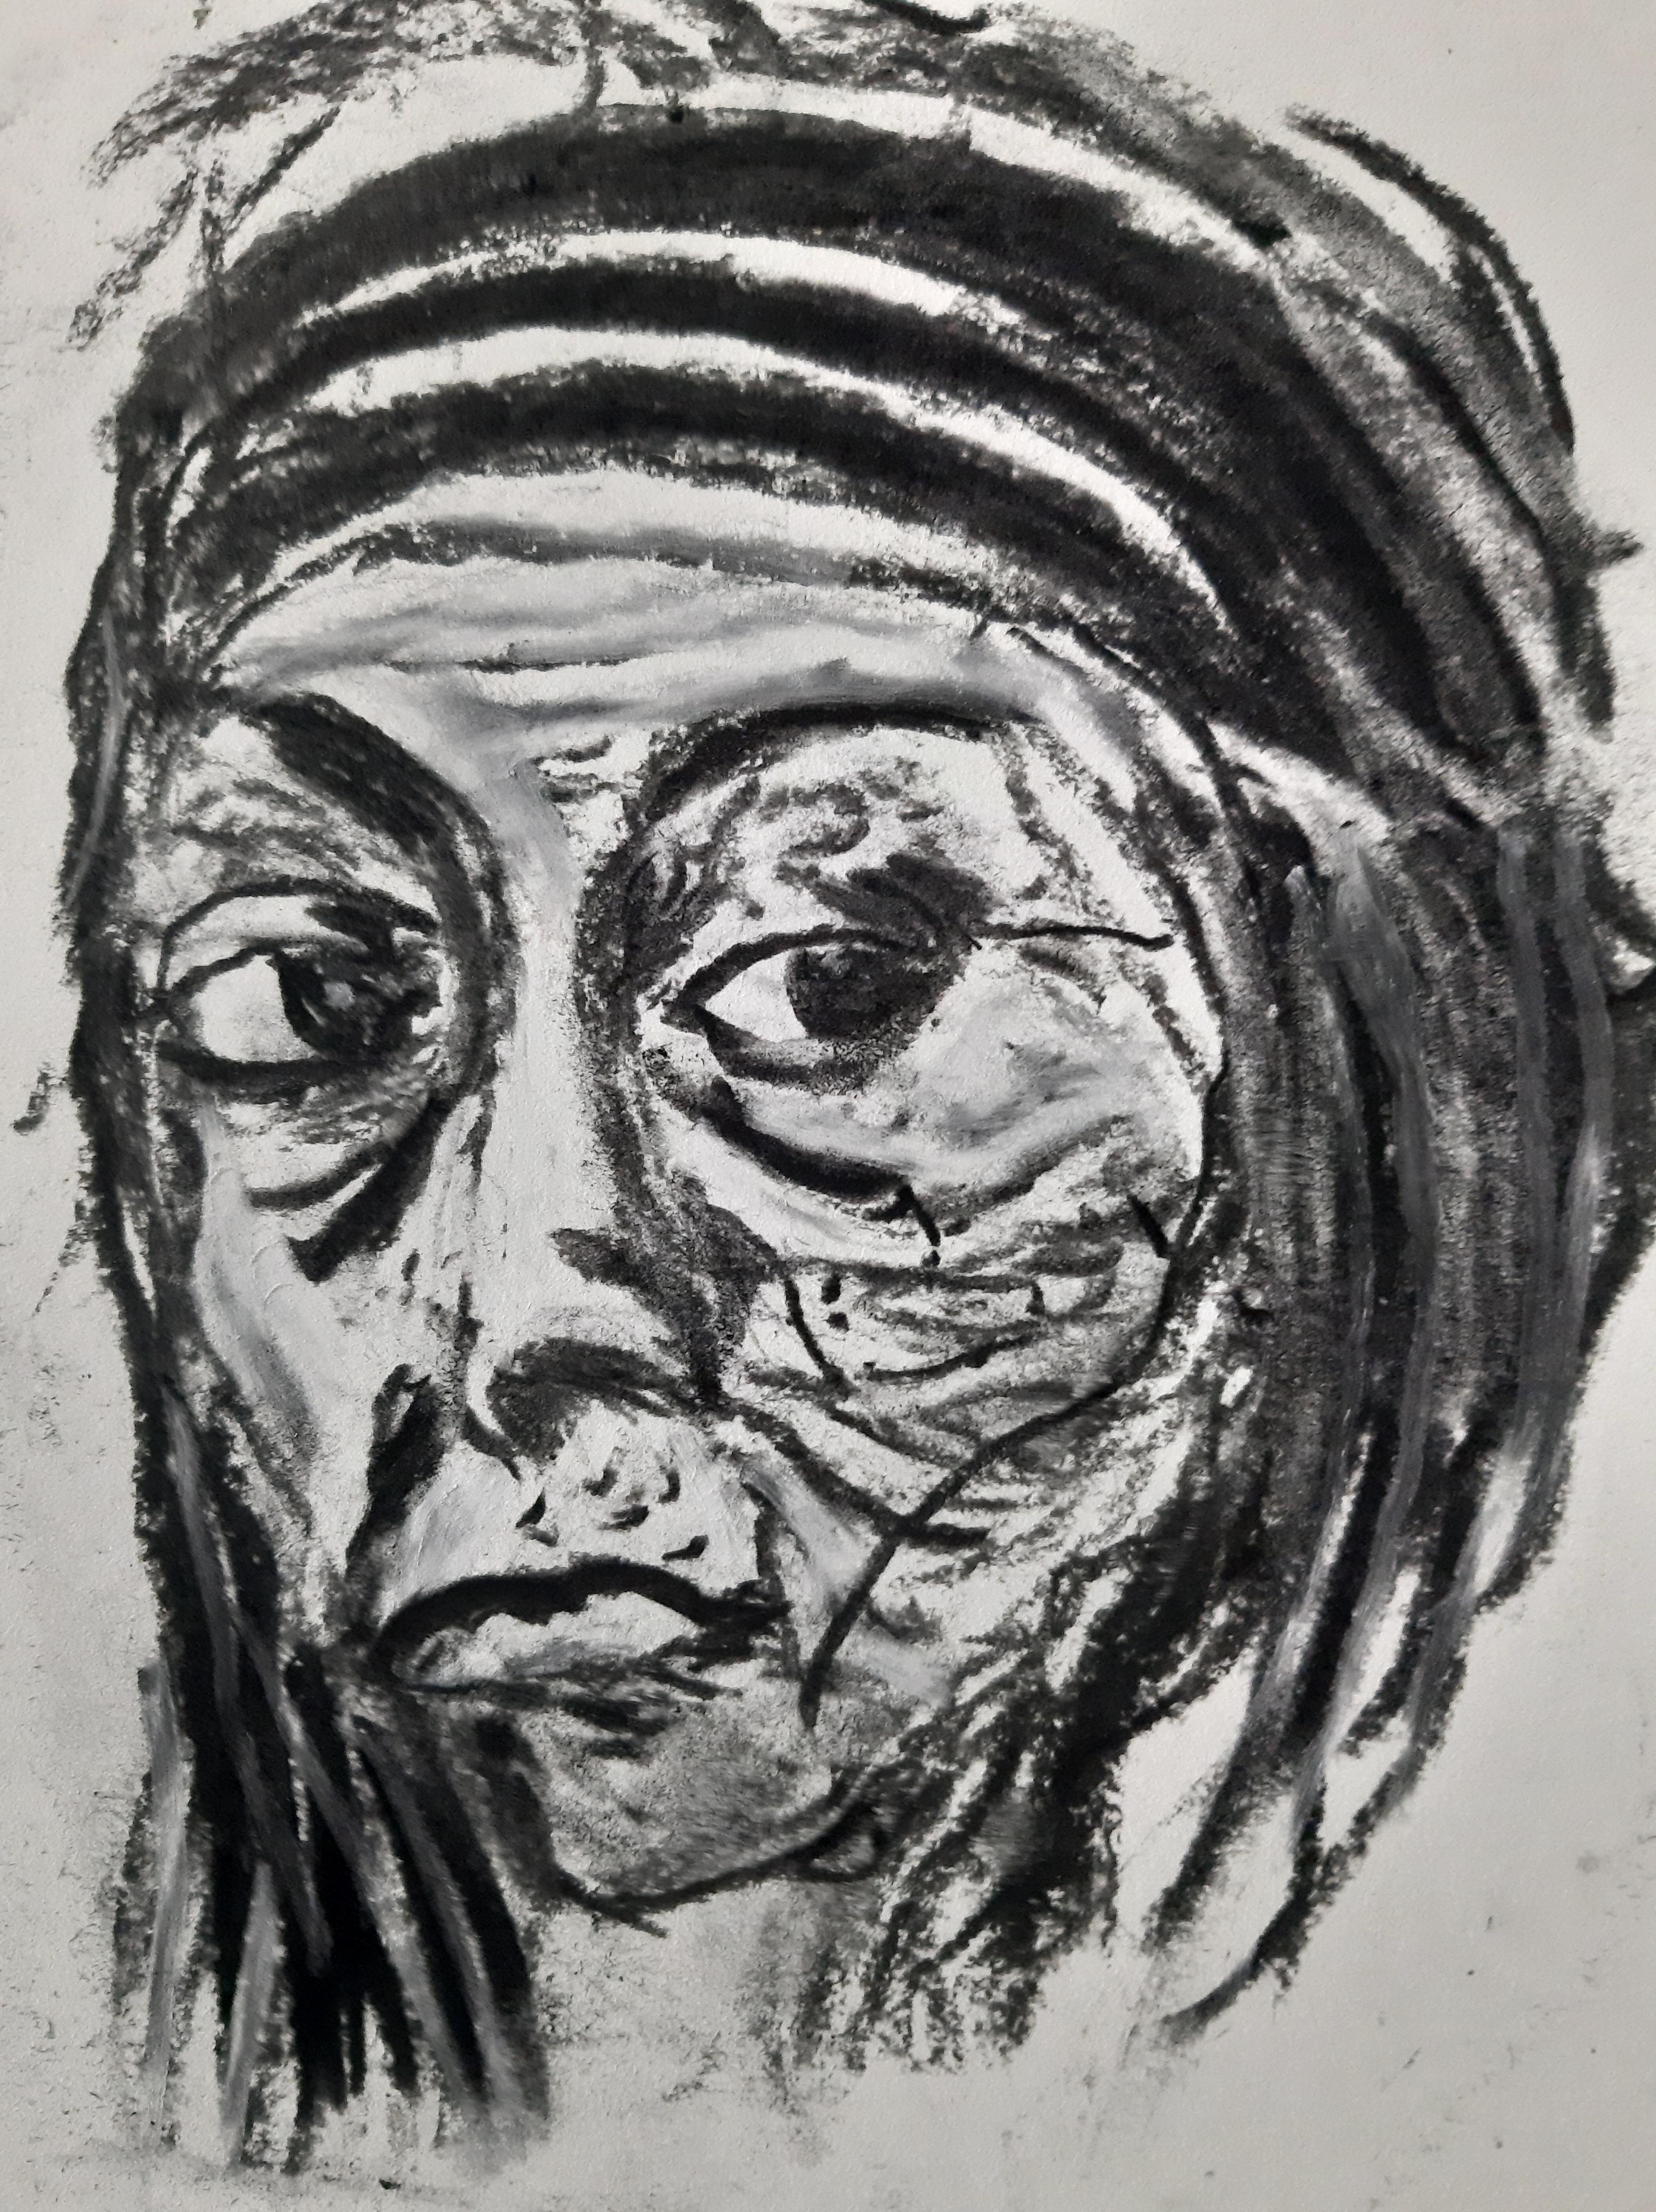 Portrait fusain expressionniste sur papier  cours de dessin